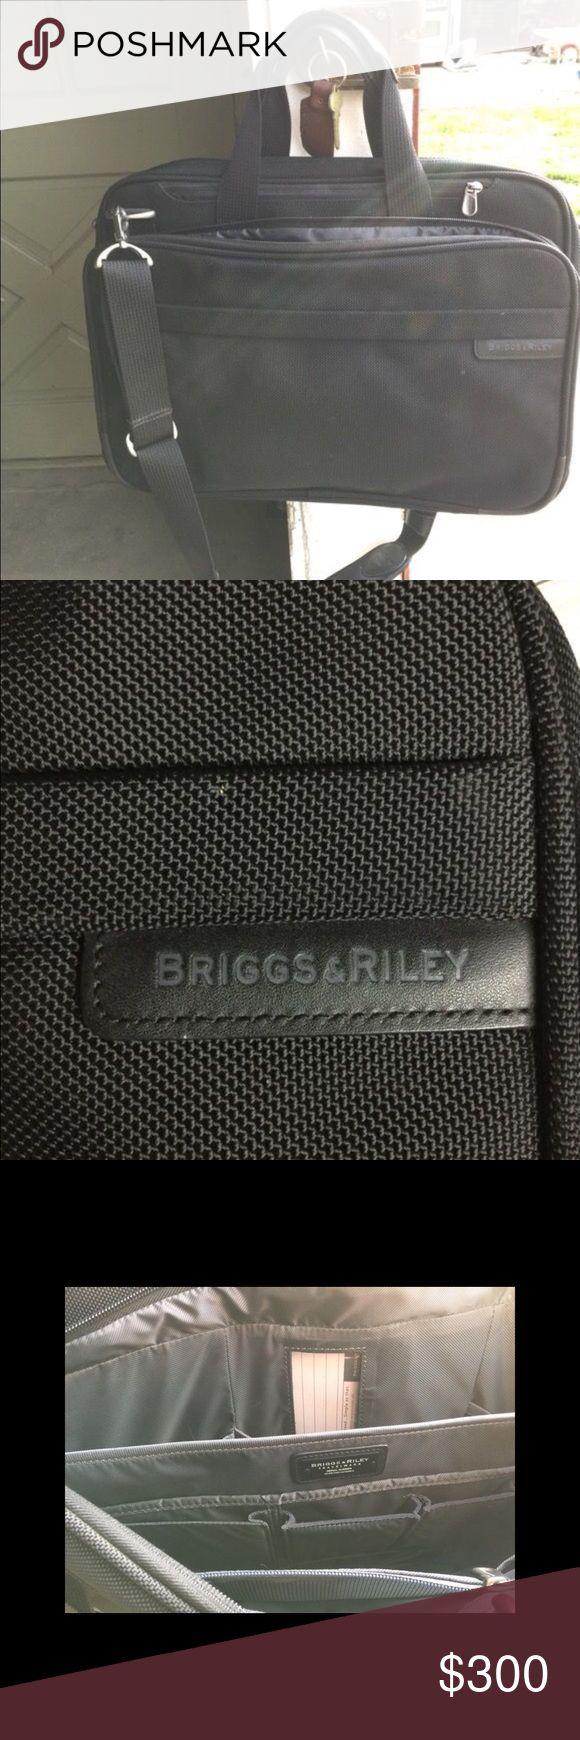 Briggs & Riley suitcase Brand new suitcase by Briggs & Riley. Bags